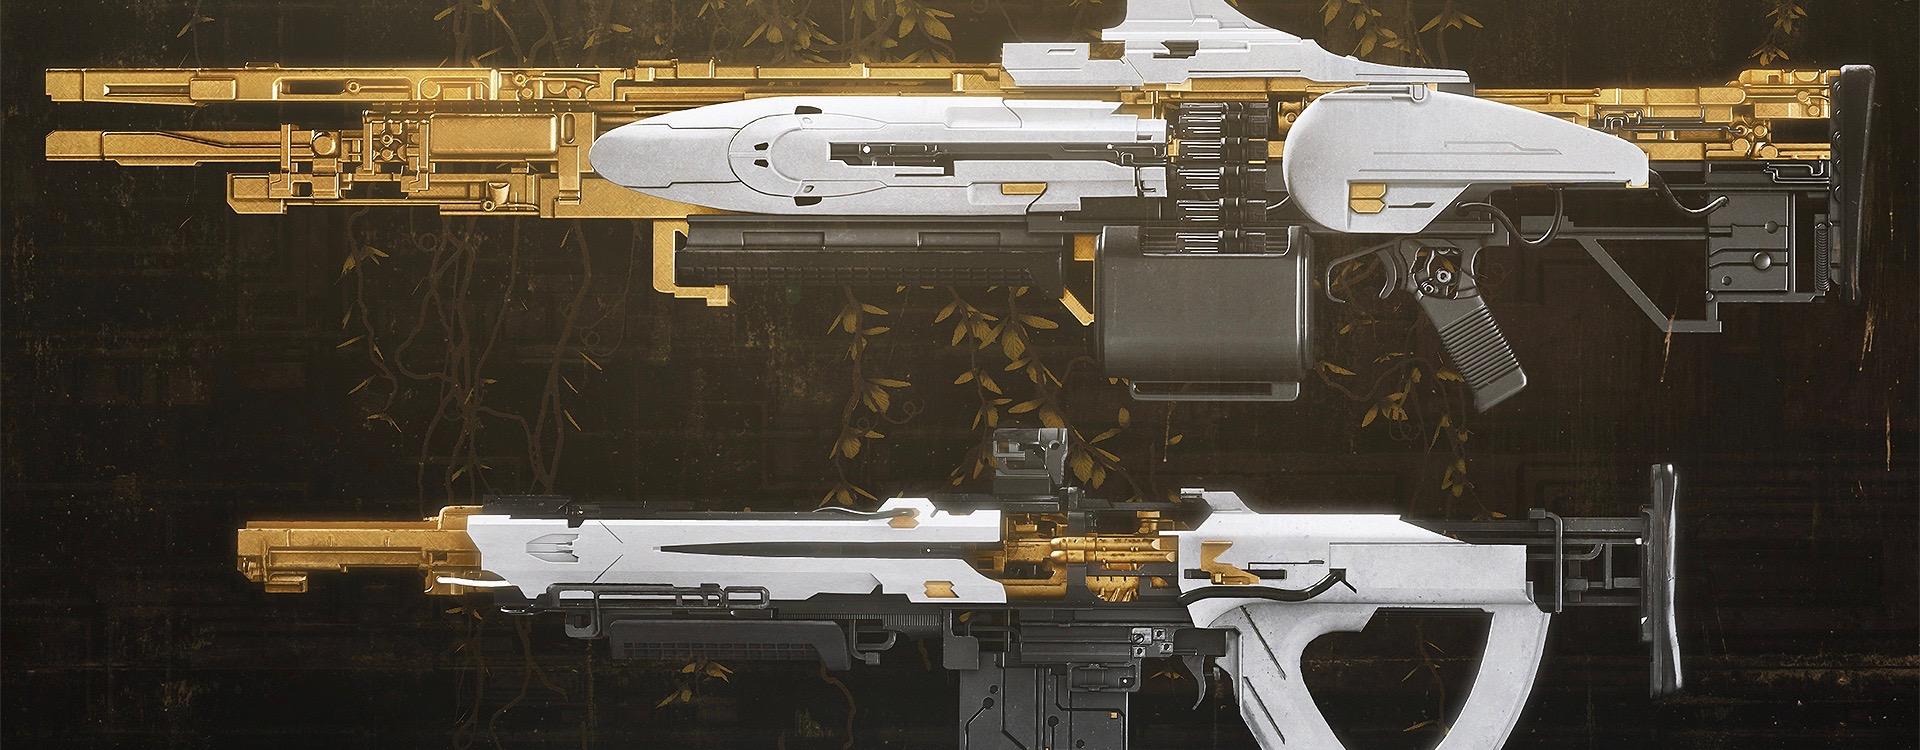 Destiny 2: Vex-Offensive bekommt größeren Loot-Pool – 2 Waffen kommen neu